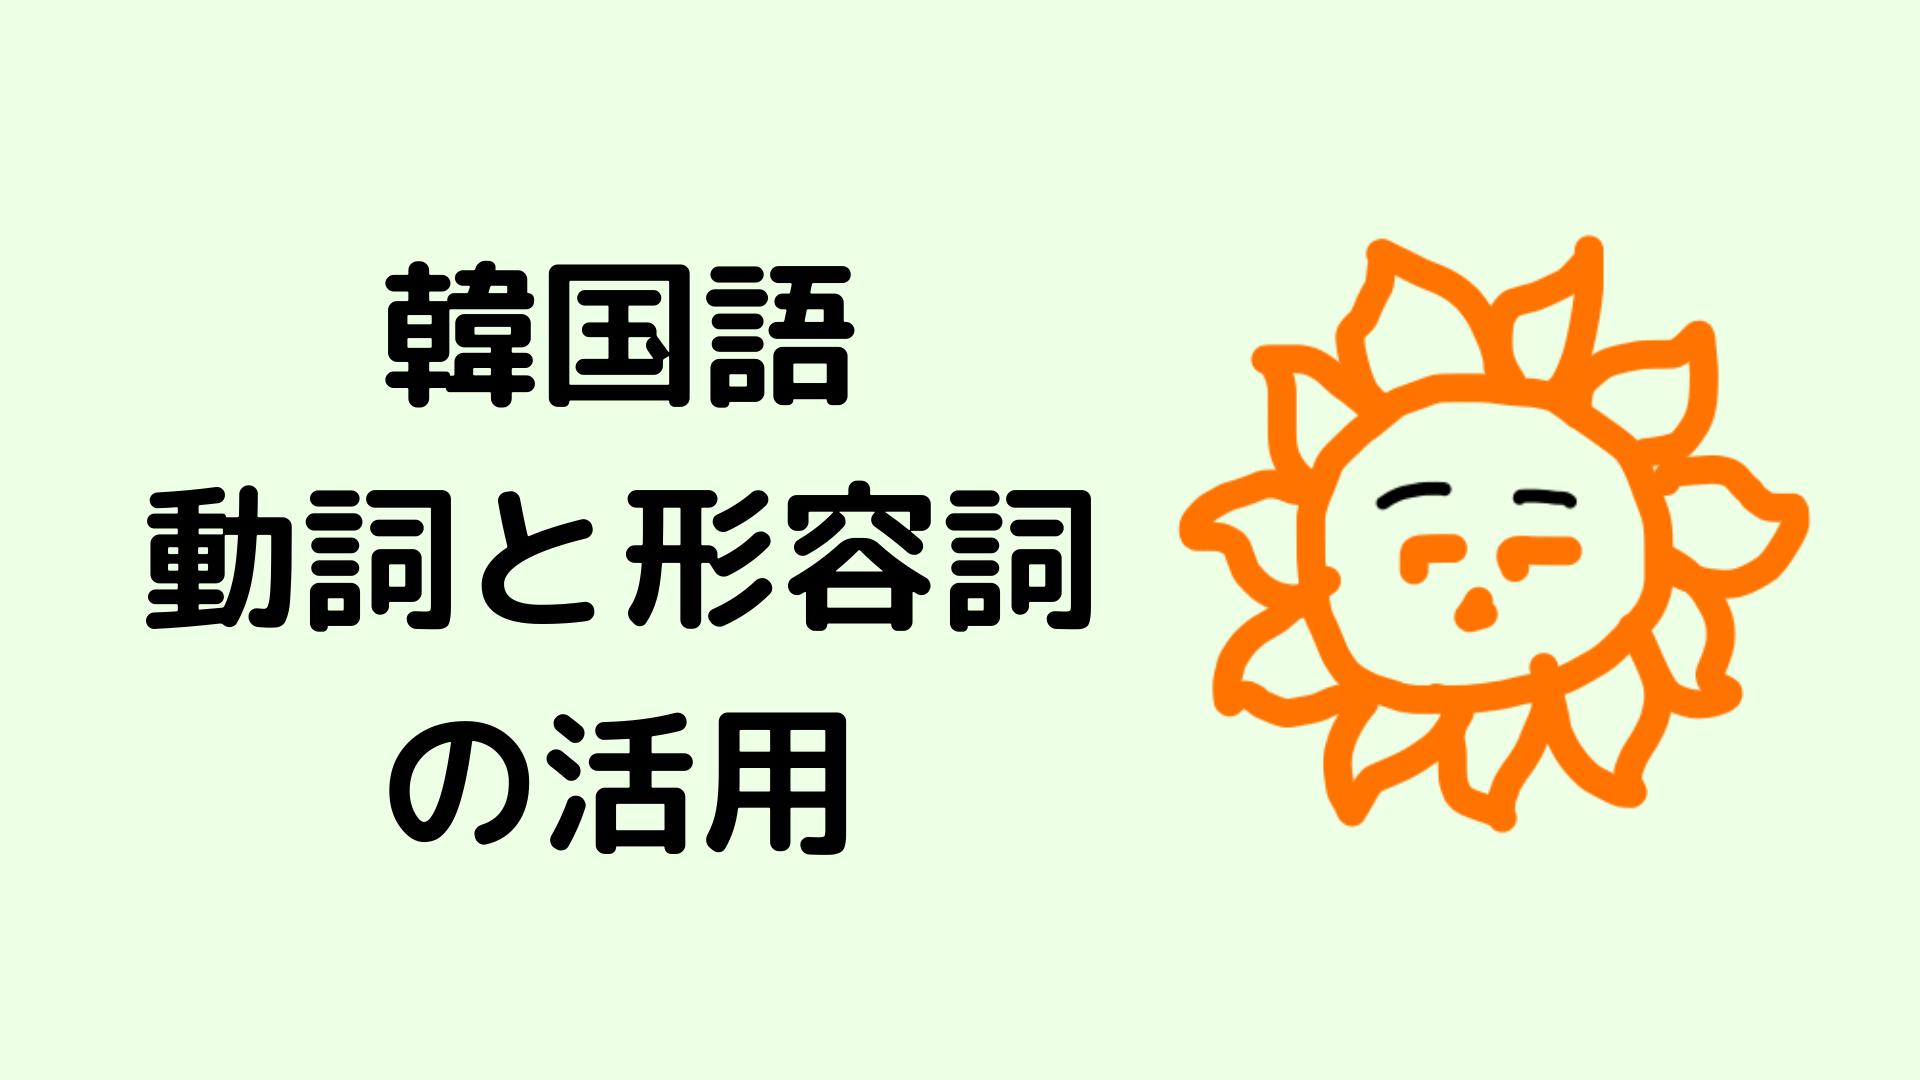 韓国語の動詞と形容詞の活用